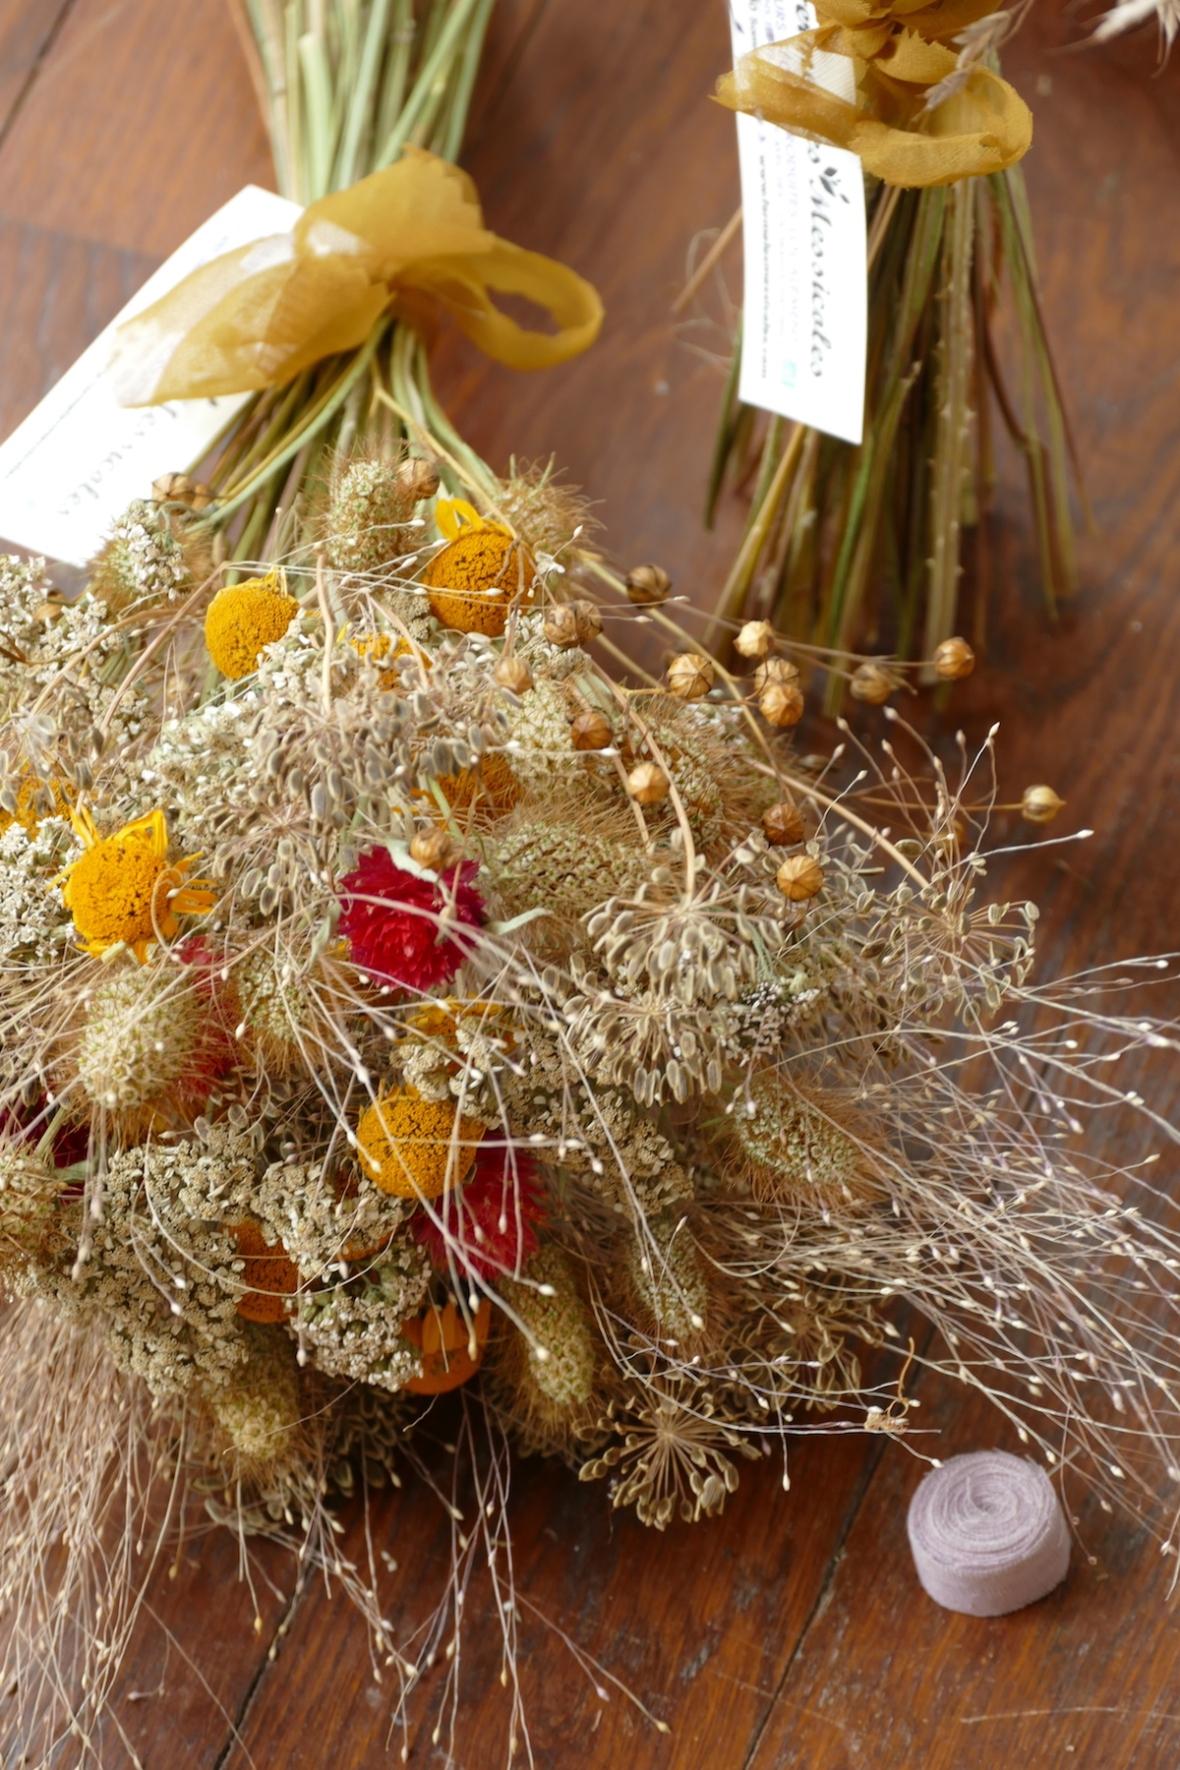 P1070699 - Bouquet sec avec ruban